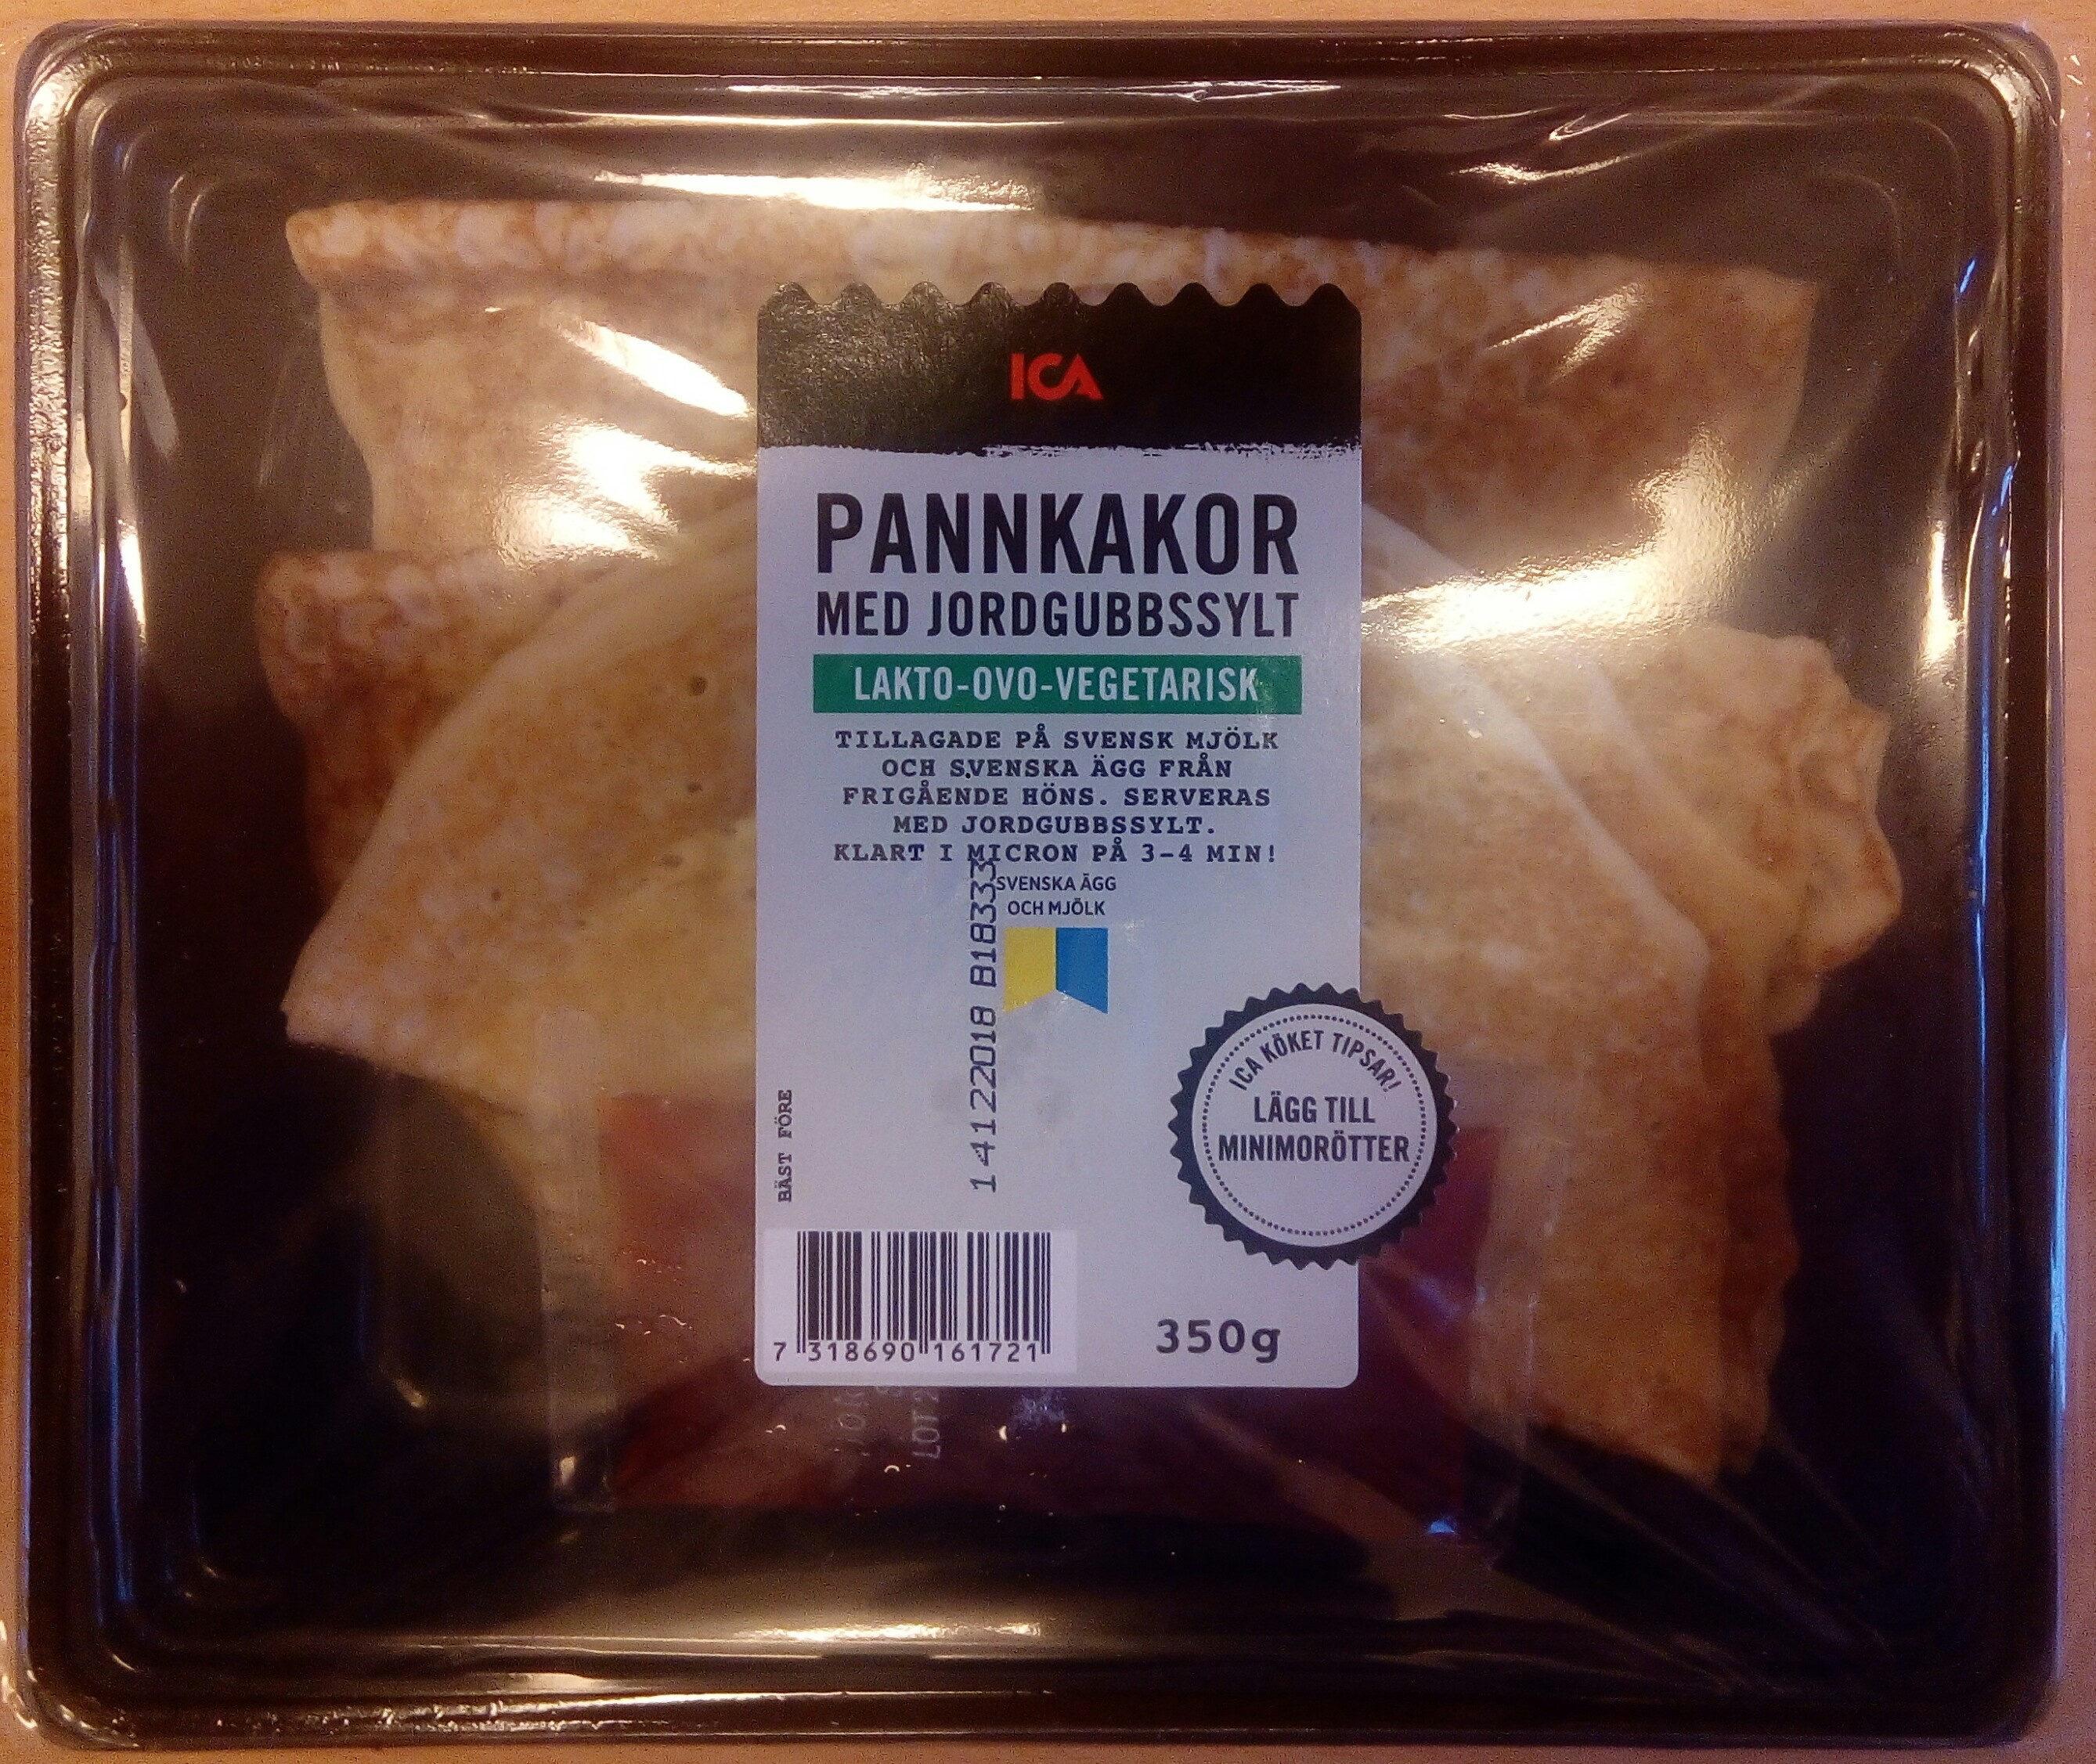 ICA Pannkakor med jordgubbssylt - Produit - sv